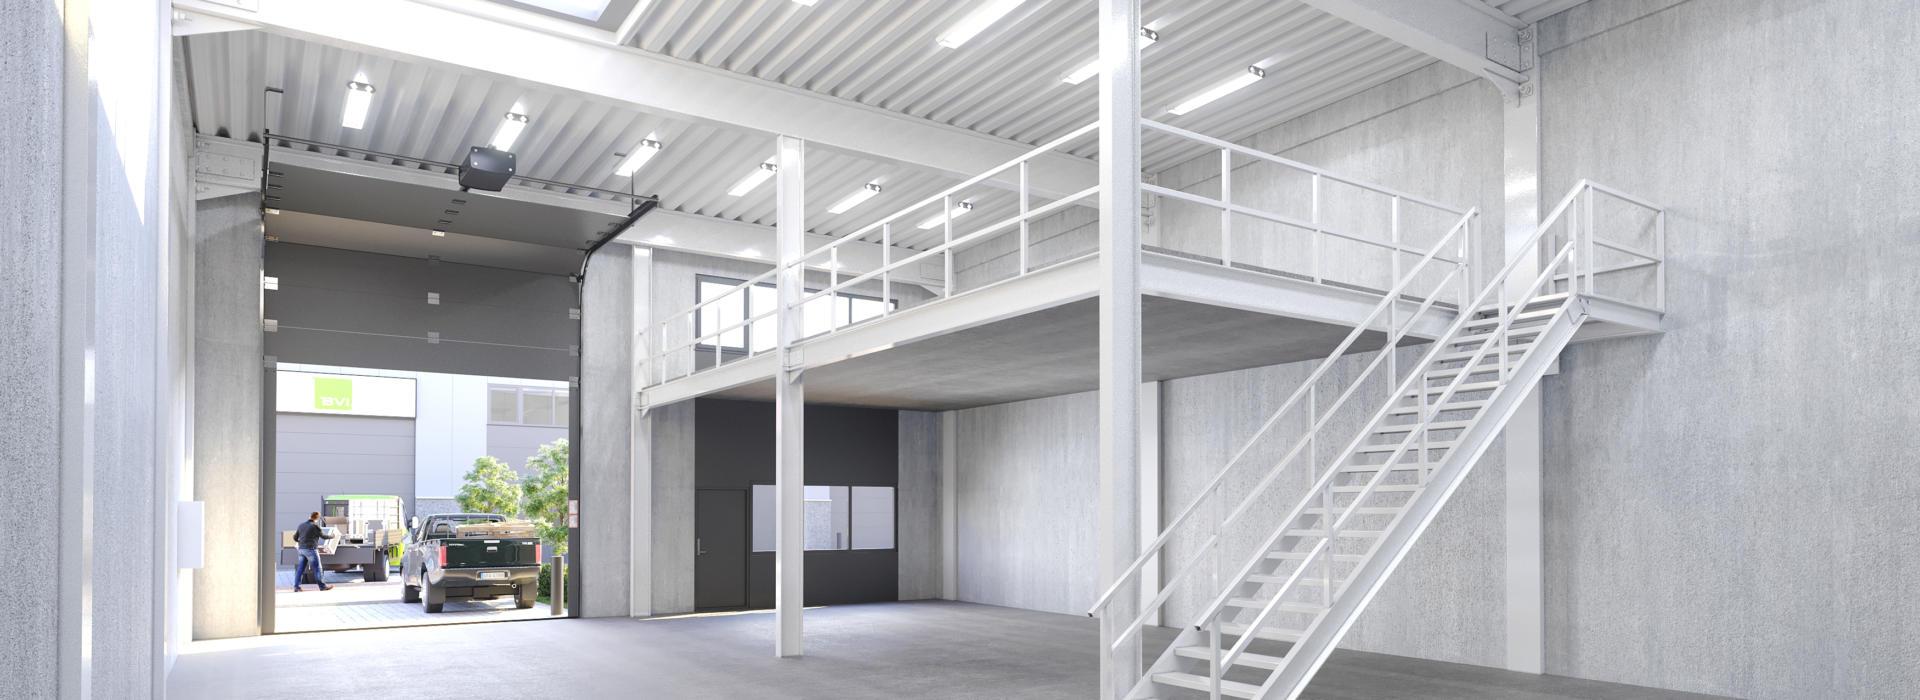 Interior v3